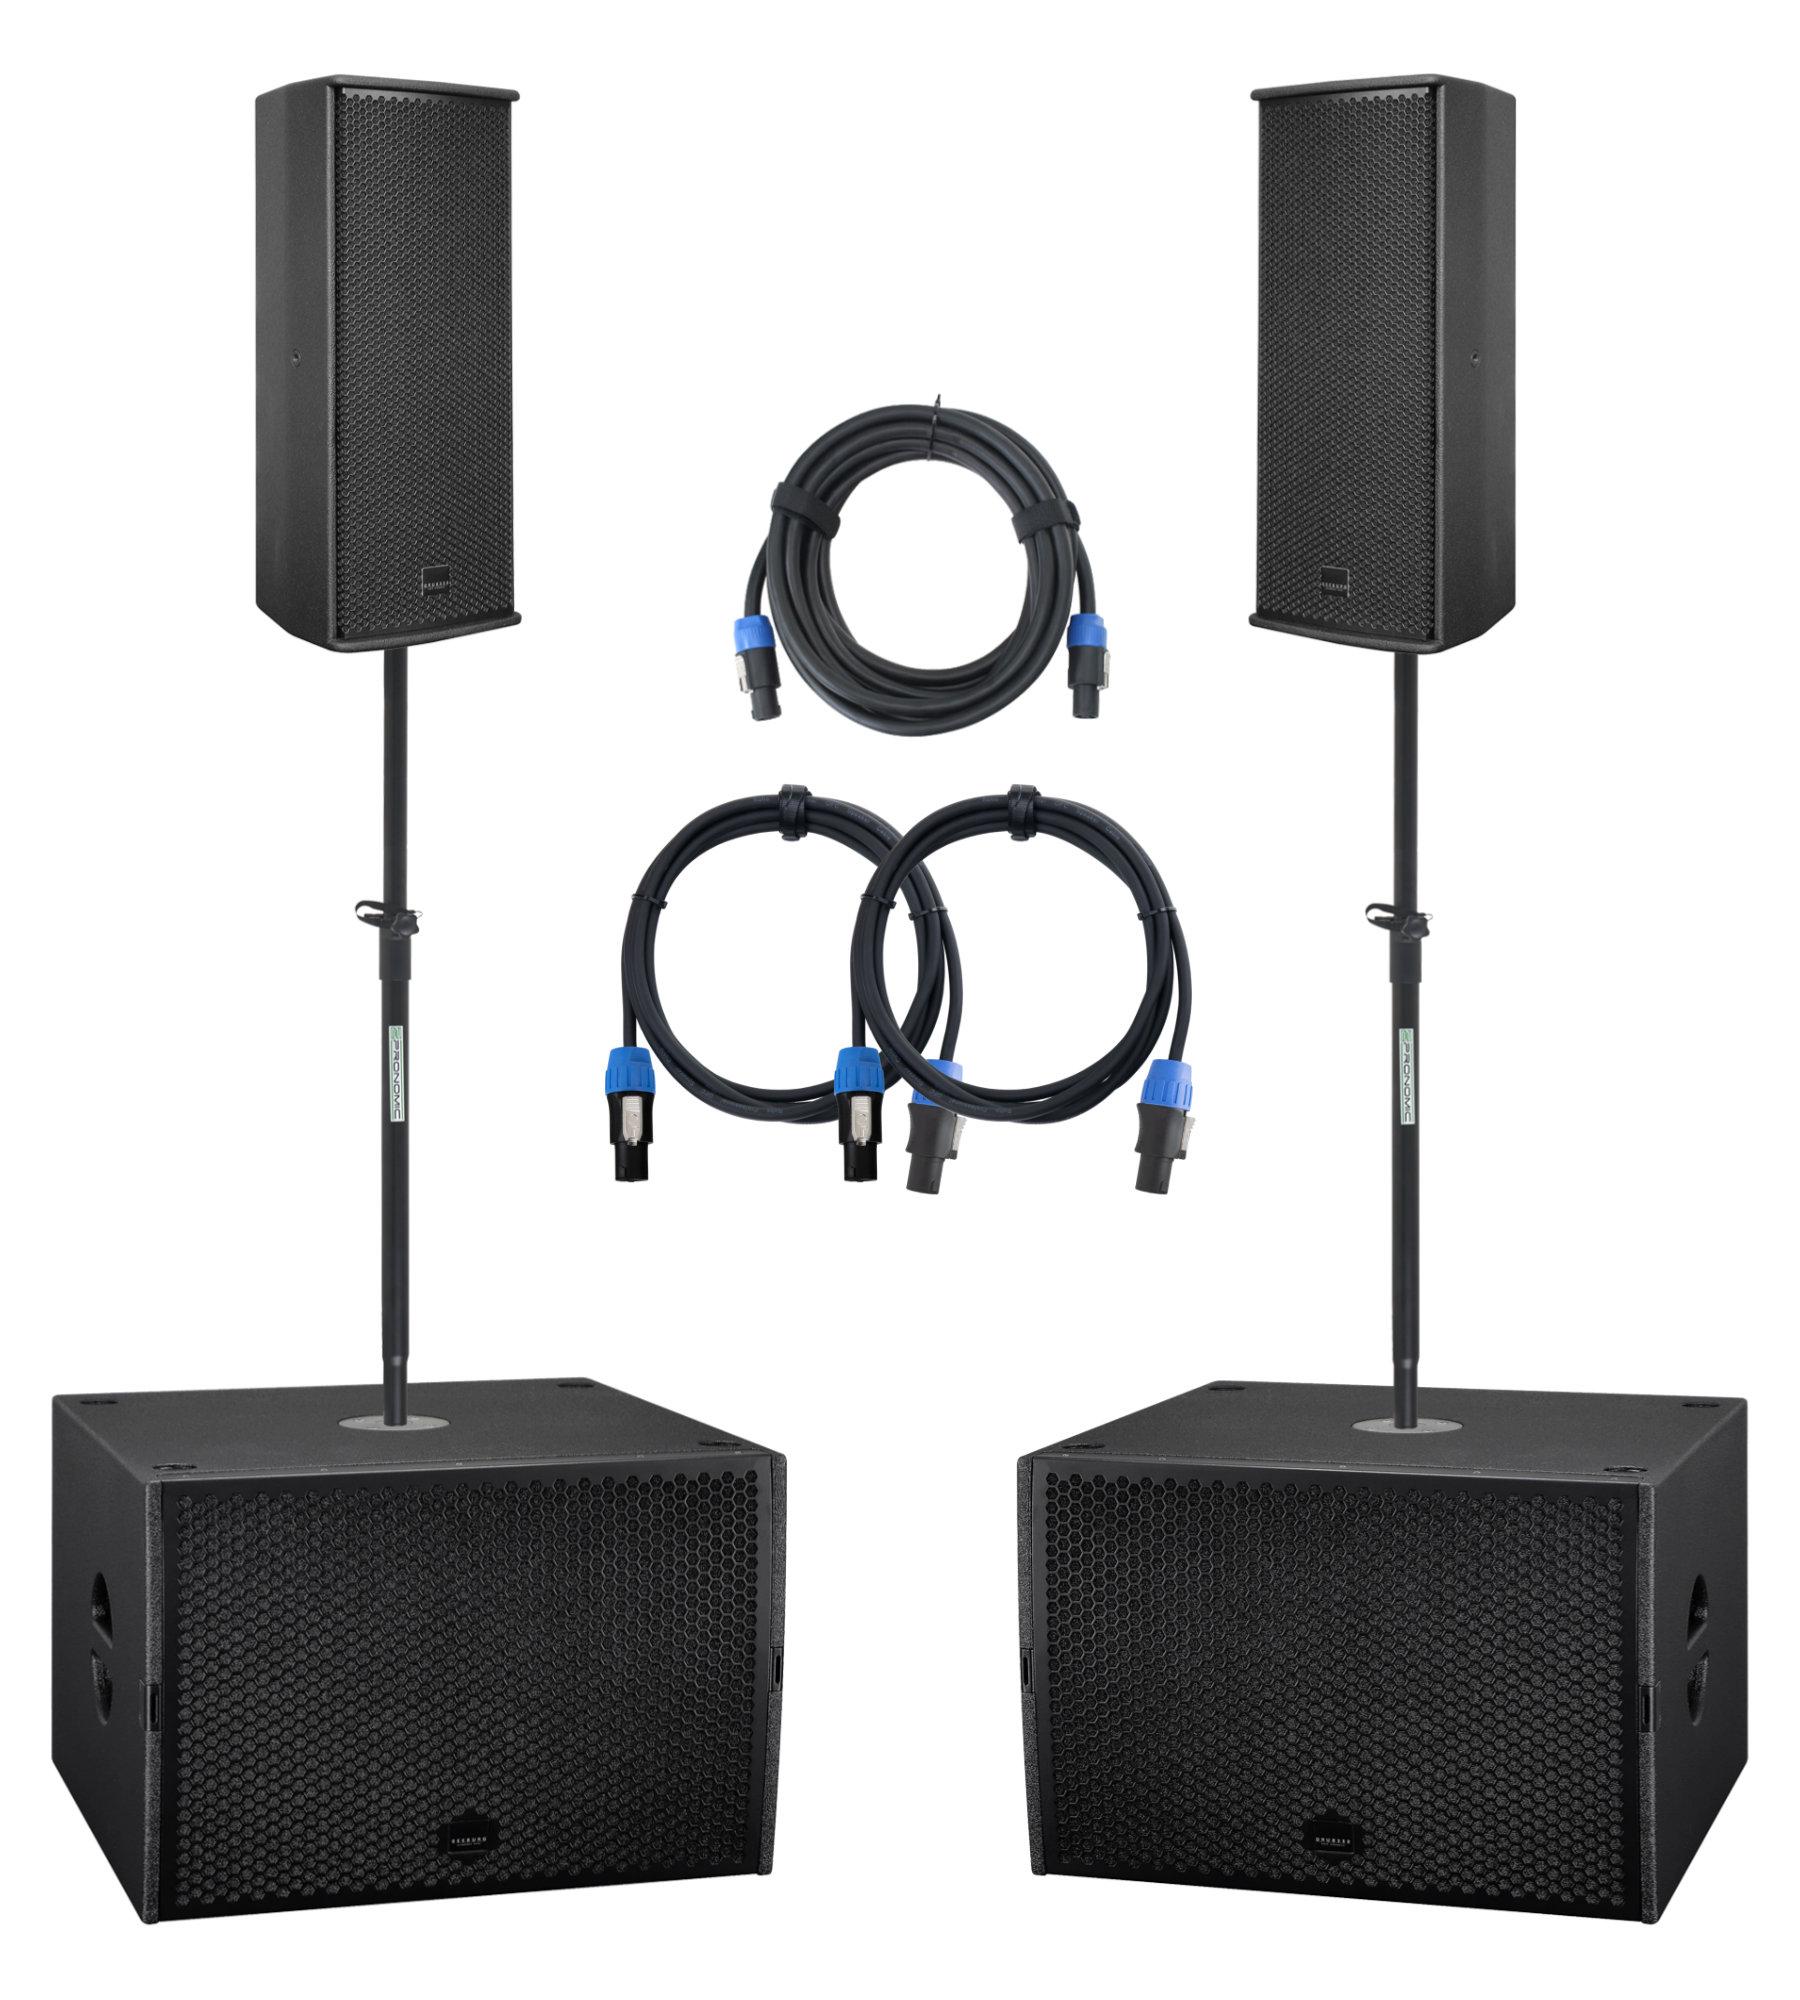 Boxenkomplettanlagen - Seeburg A3| G Sub 1501dp Stereo Extended Set - Onlineshop Musikhaus Kirstein